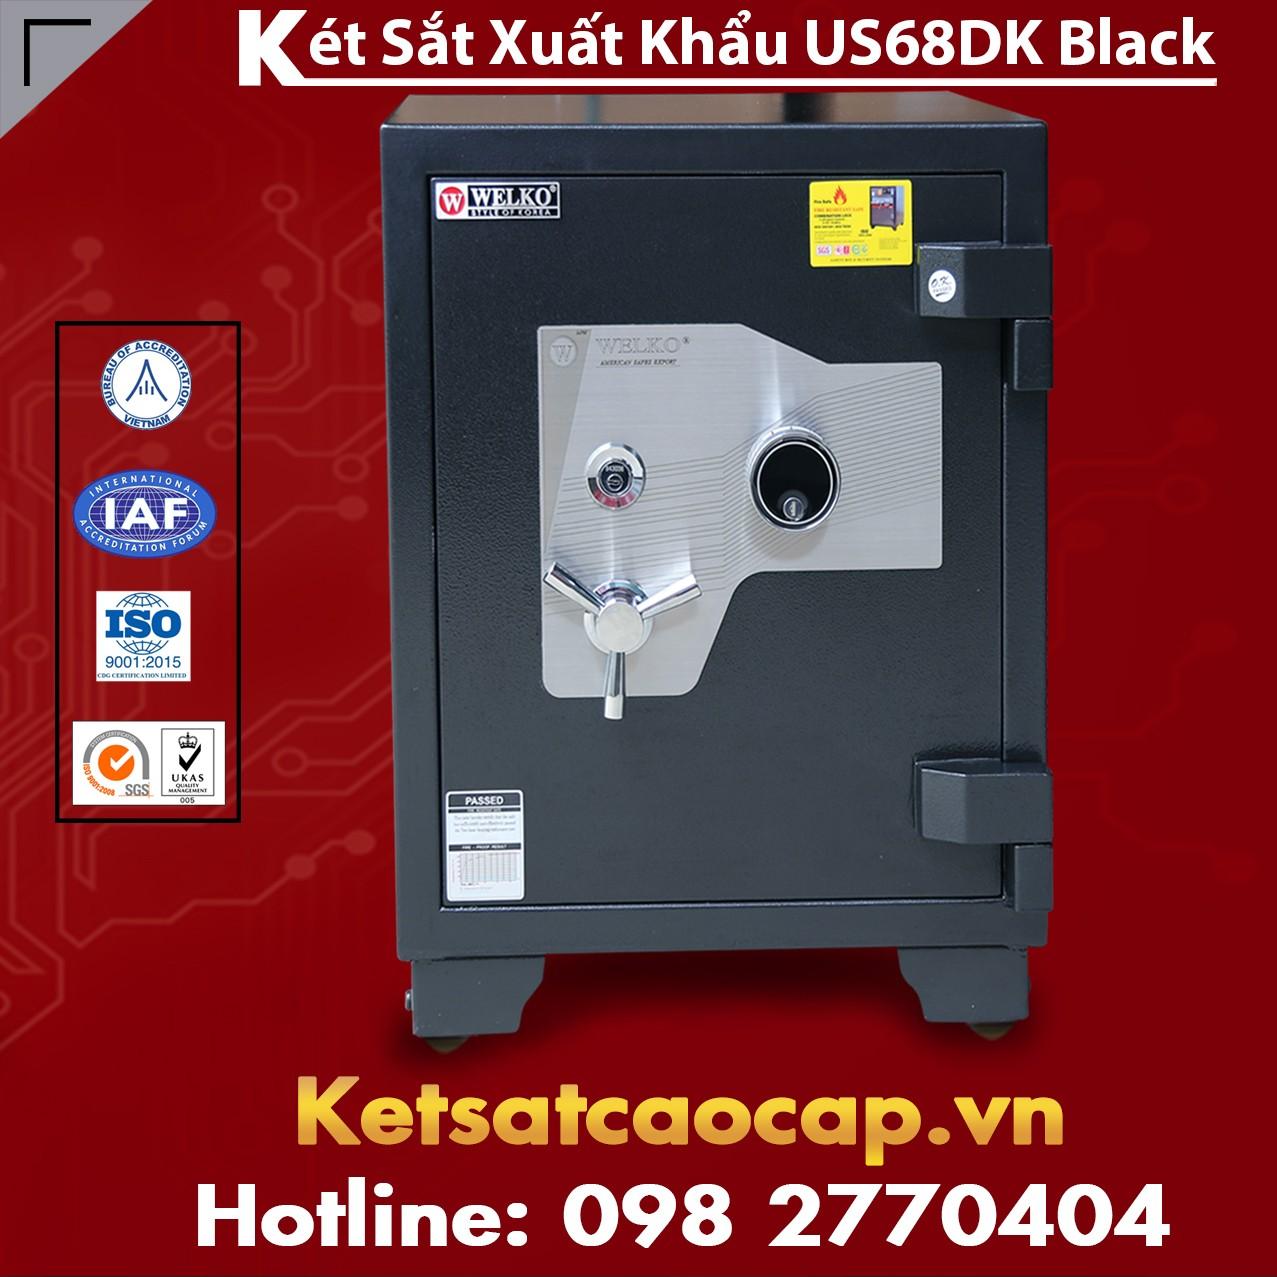 Két Sắt Xuất Khẩu WELKO US68 DK Black